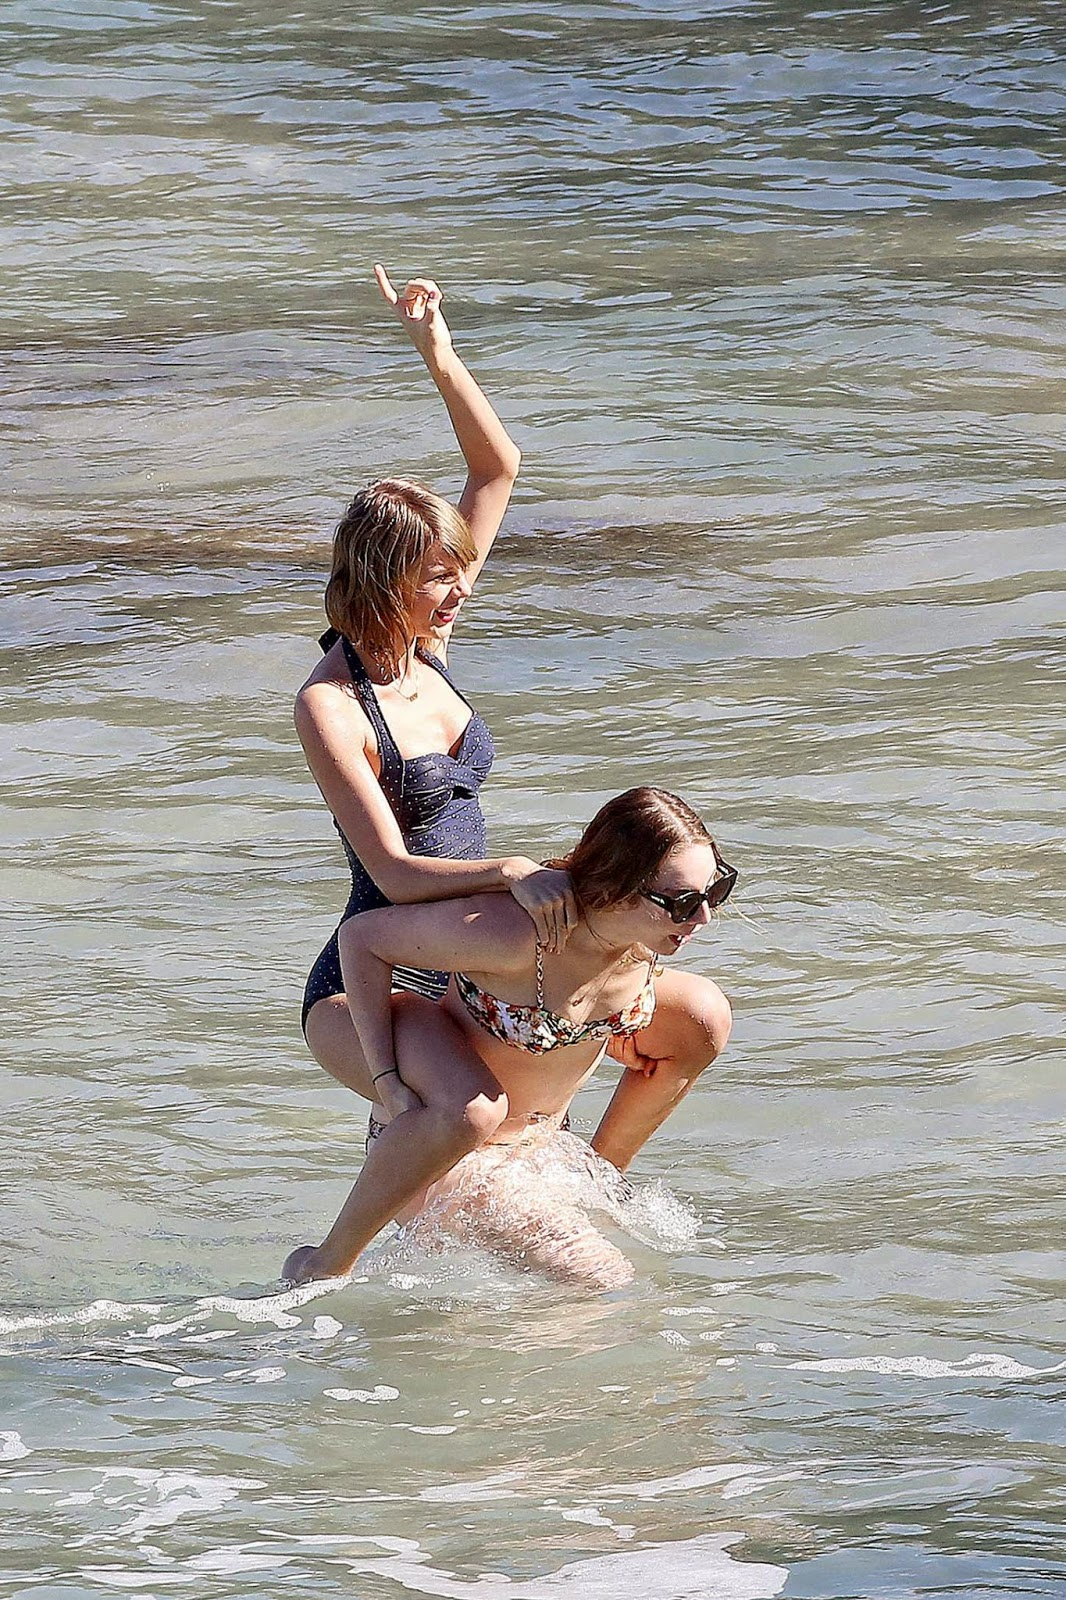 صور تايلور سويفت في ملابس السباحة على الشاطئ في ماوي